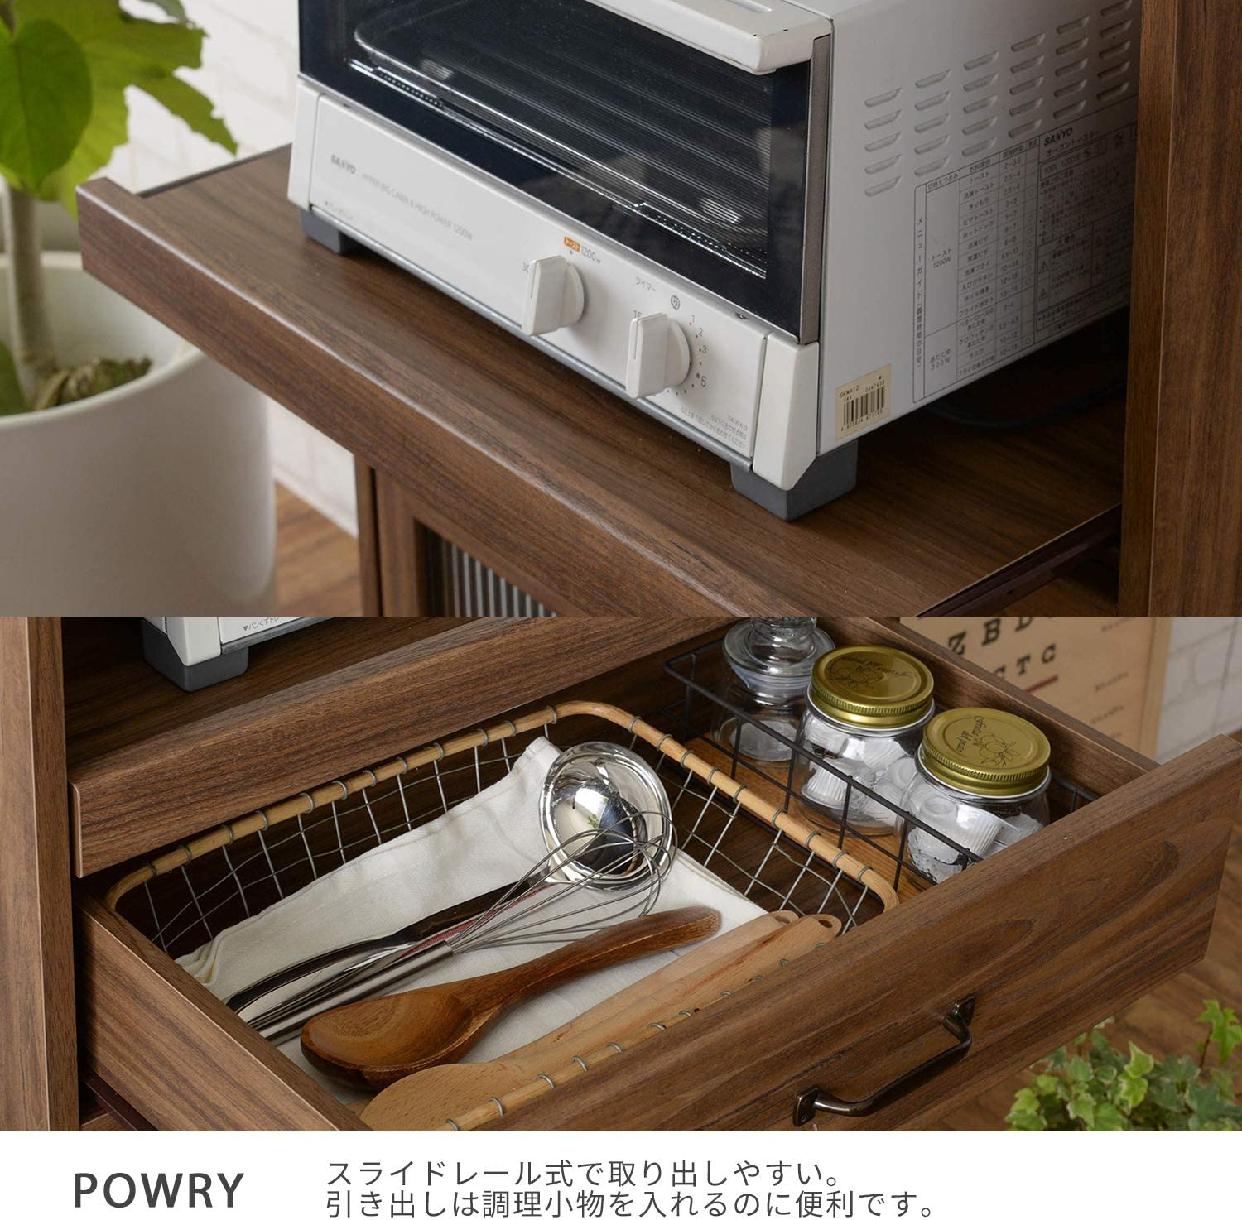 POWRY(ポーリー)レンジ台 ブラウン PW120-60Lの商品画像4